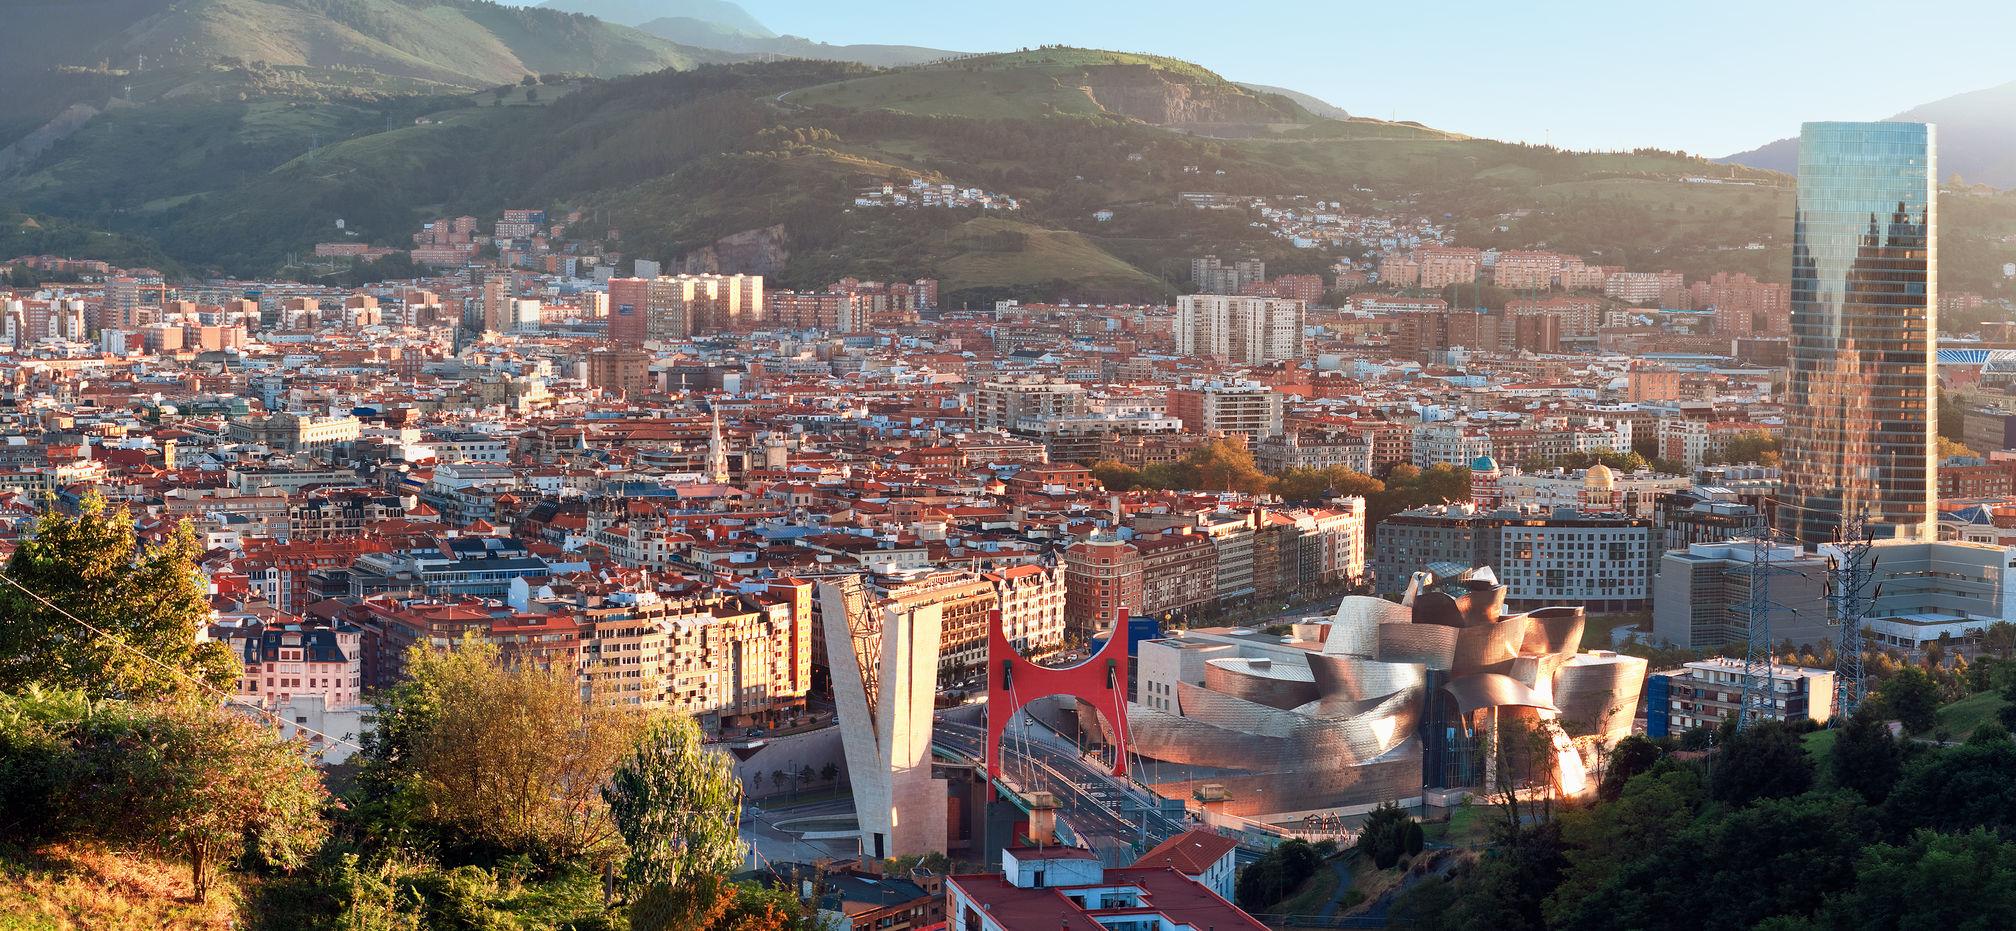 北スペインの観光地であるバスクのビルバオ